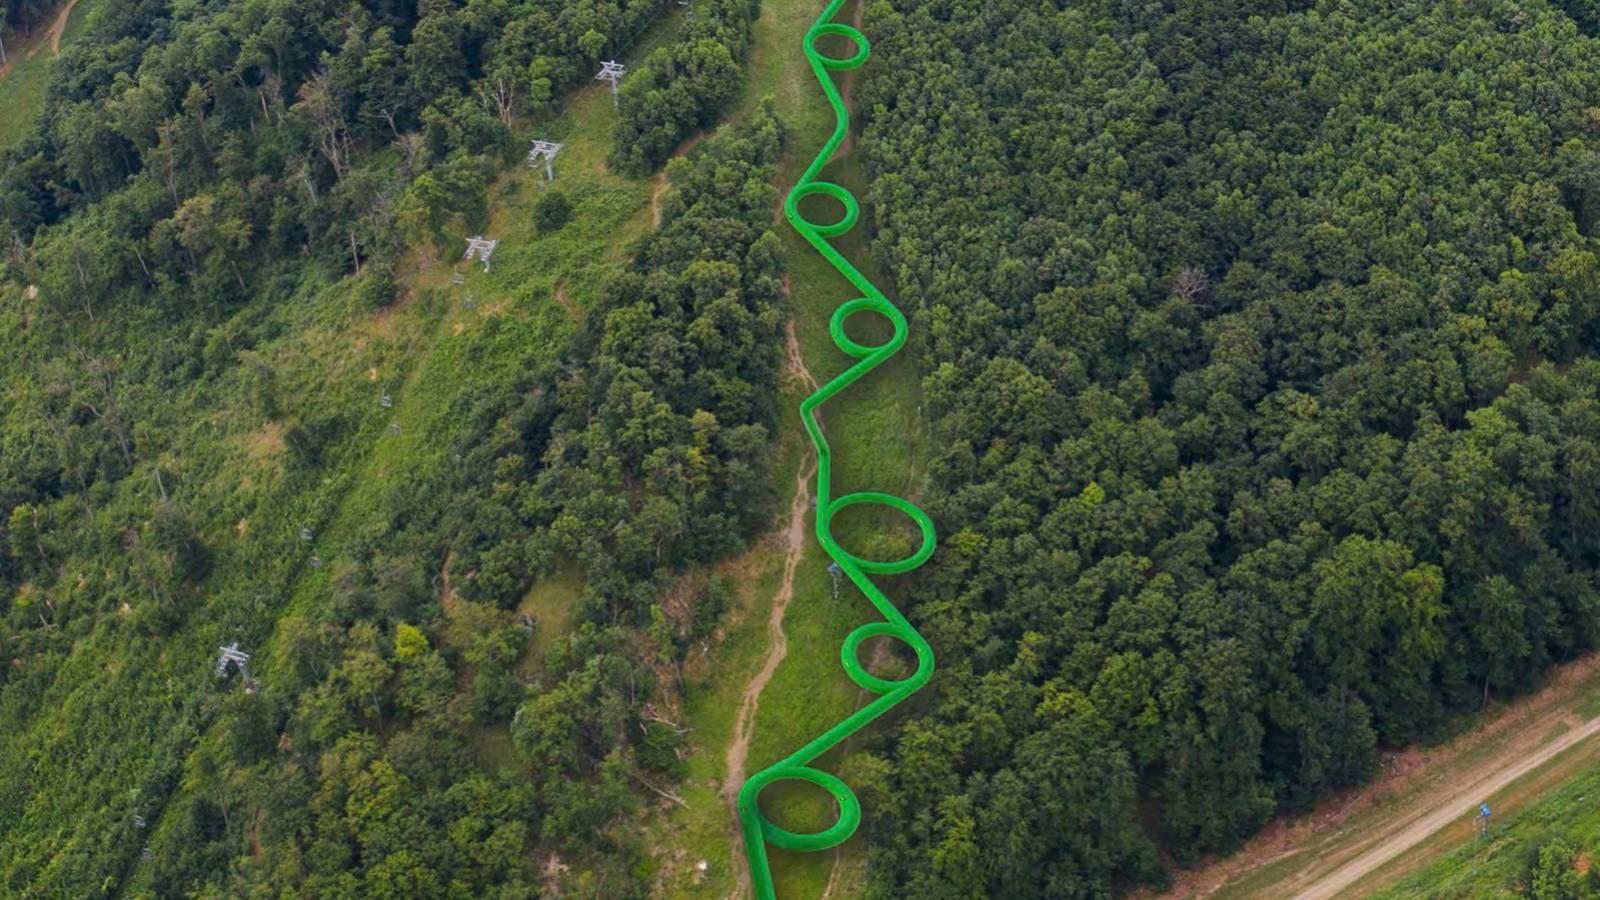 A világ leghosszabb vízicsúszdája épülhet meg Eplényben